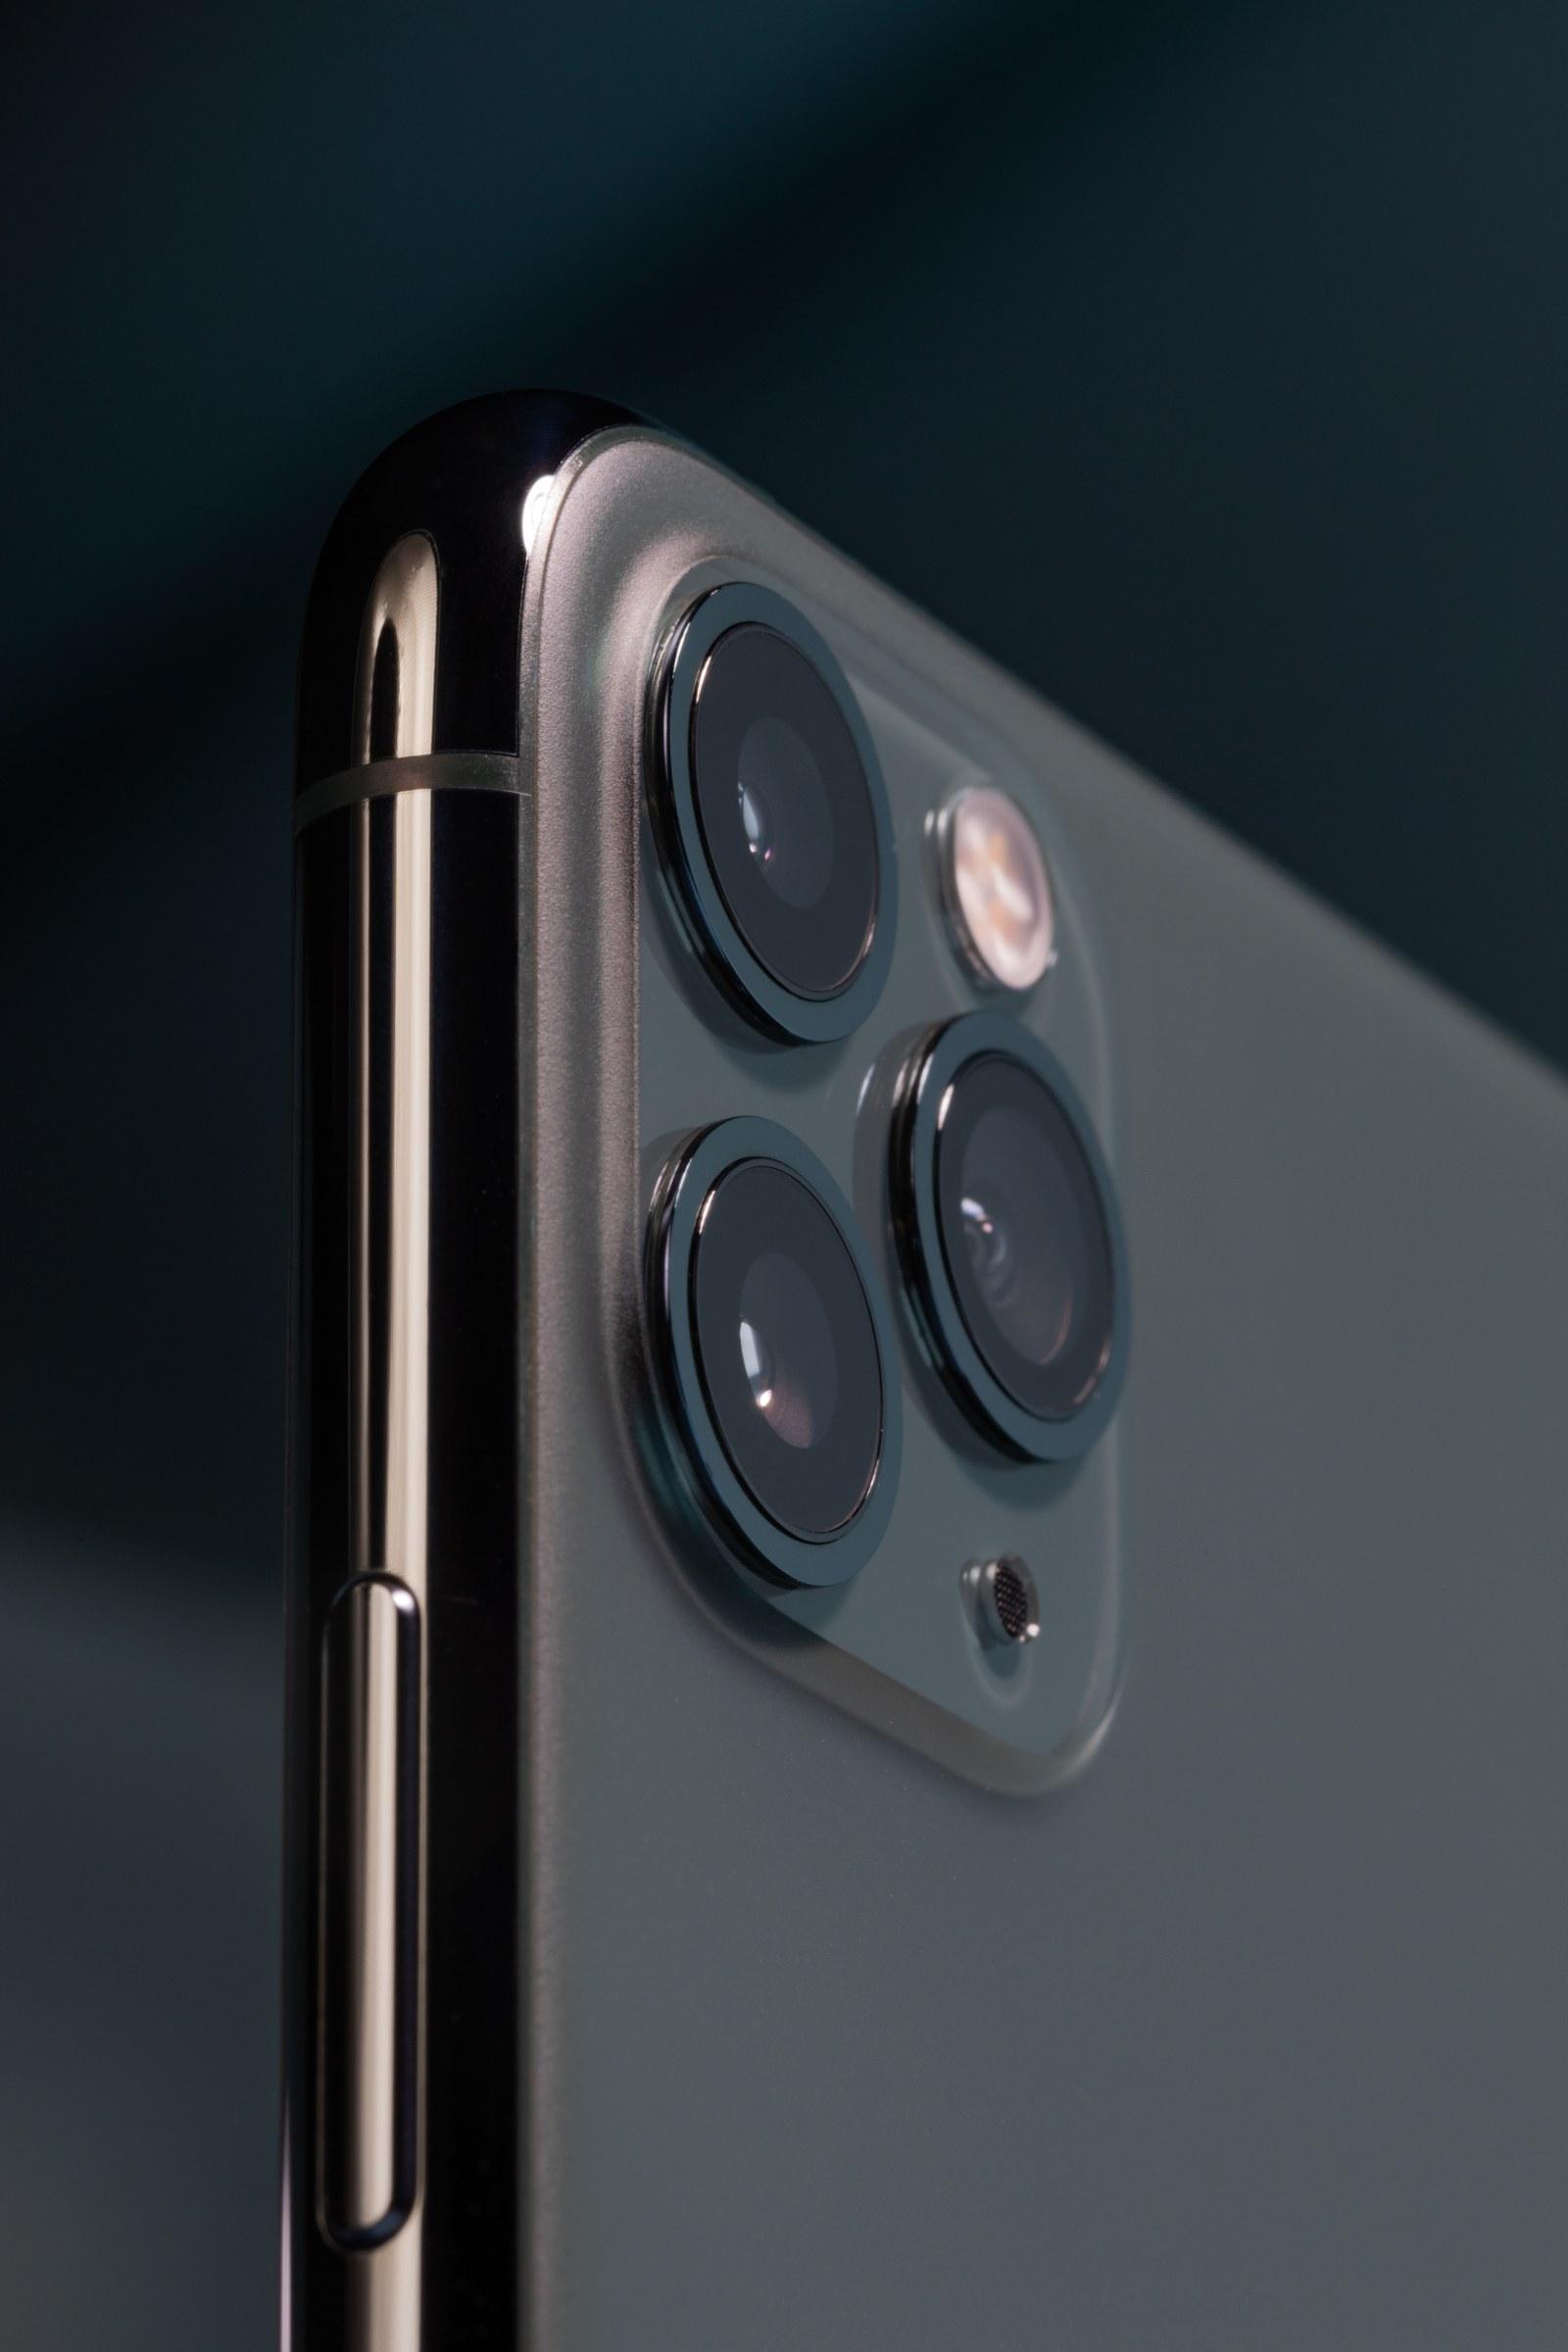 دوربین های سه گانه آیفون 11 پرو مکس